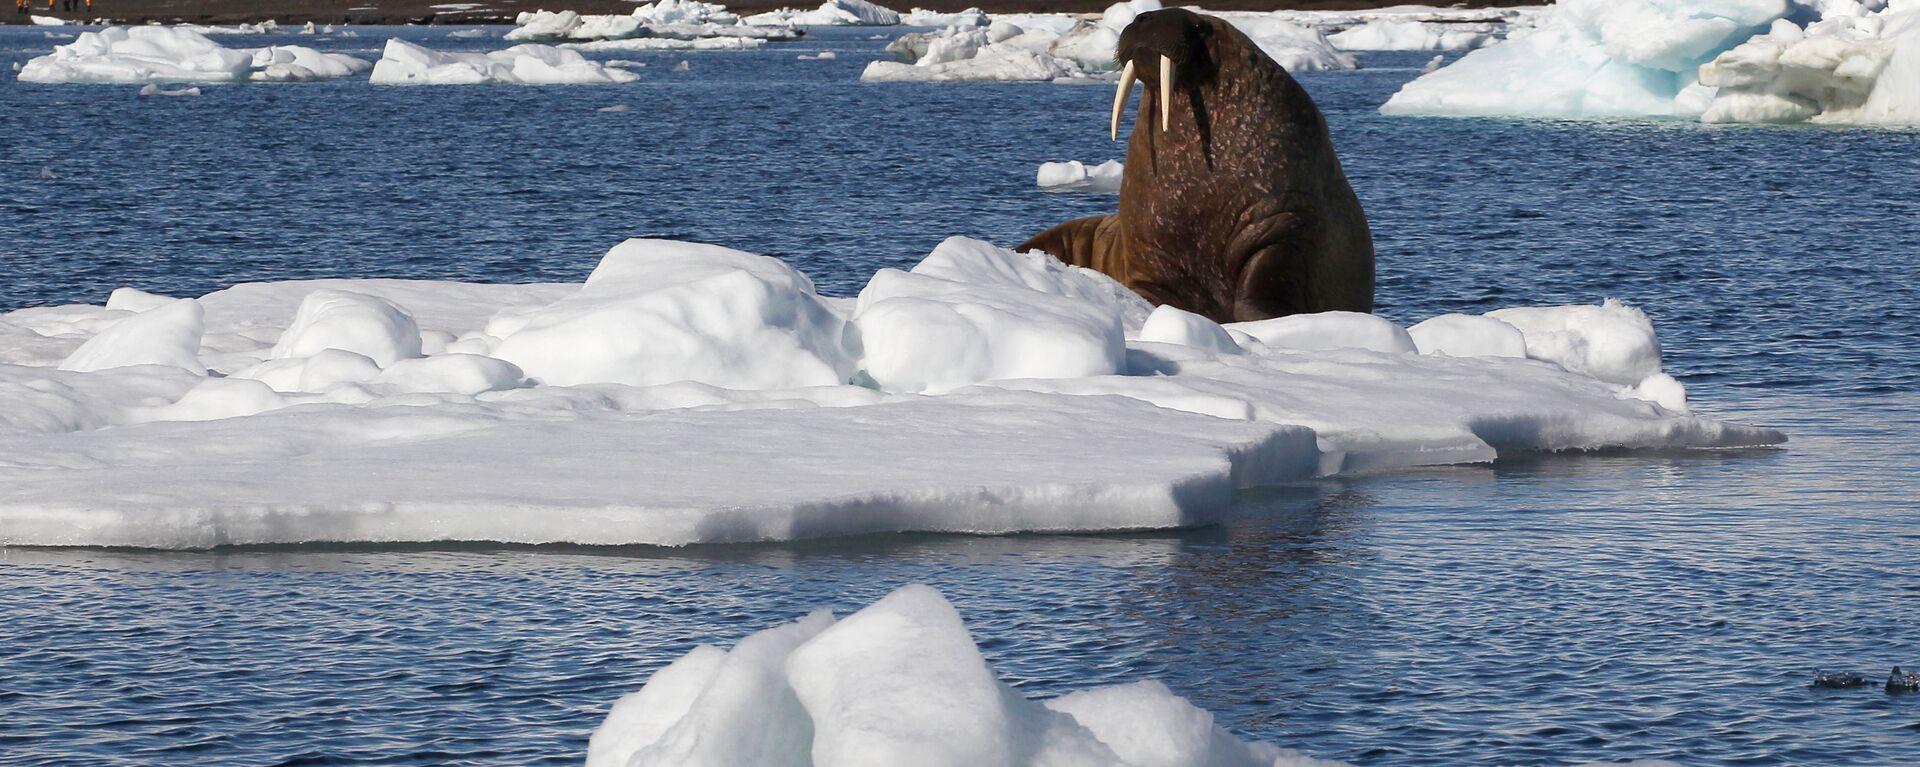 Морж на льдине у берегов одного из островов архипелага Земля Франца-Иосифа. - Sputnik Latvija, 1920, 28.03.2021